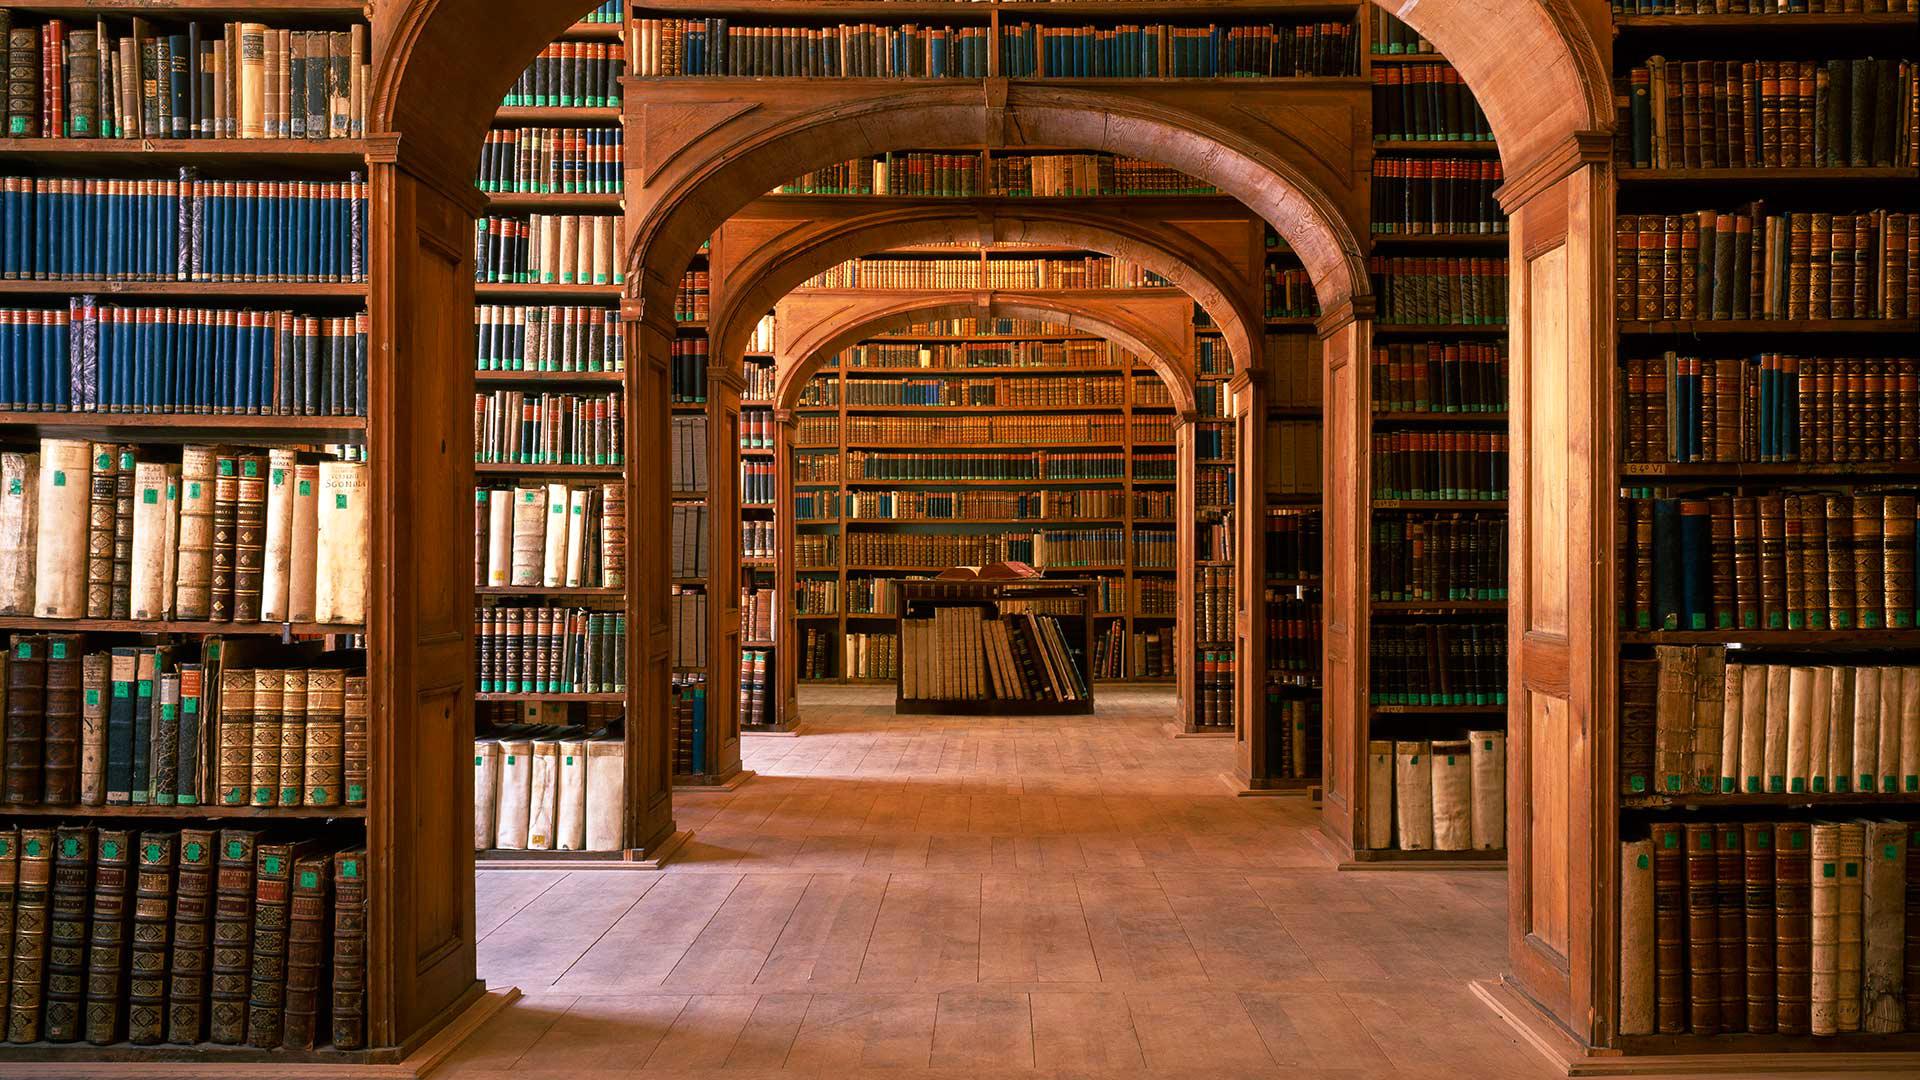 домашняя библиотека  № 1744060 бесплатно